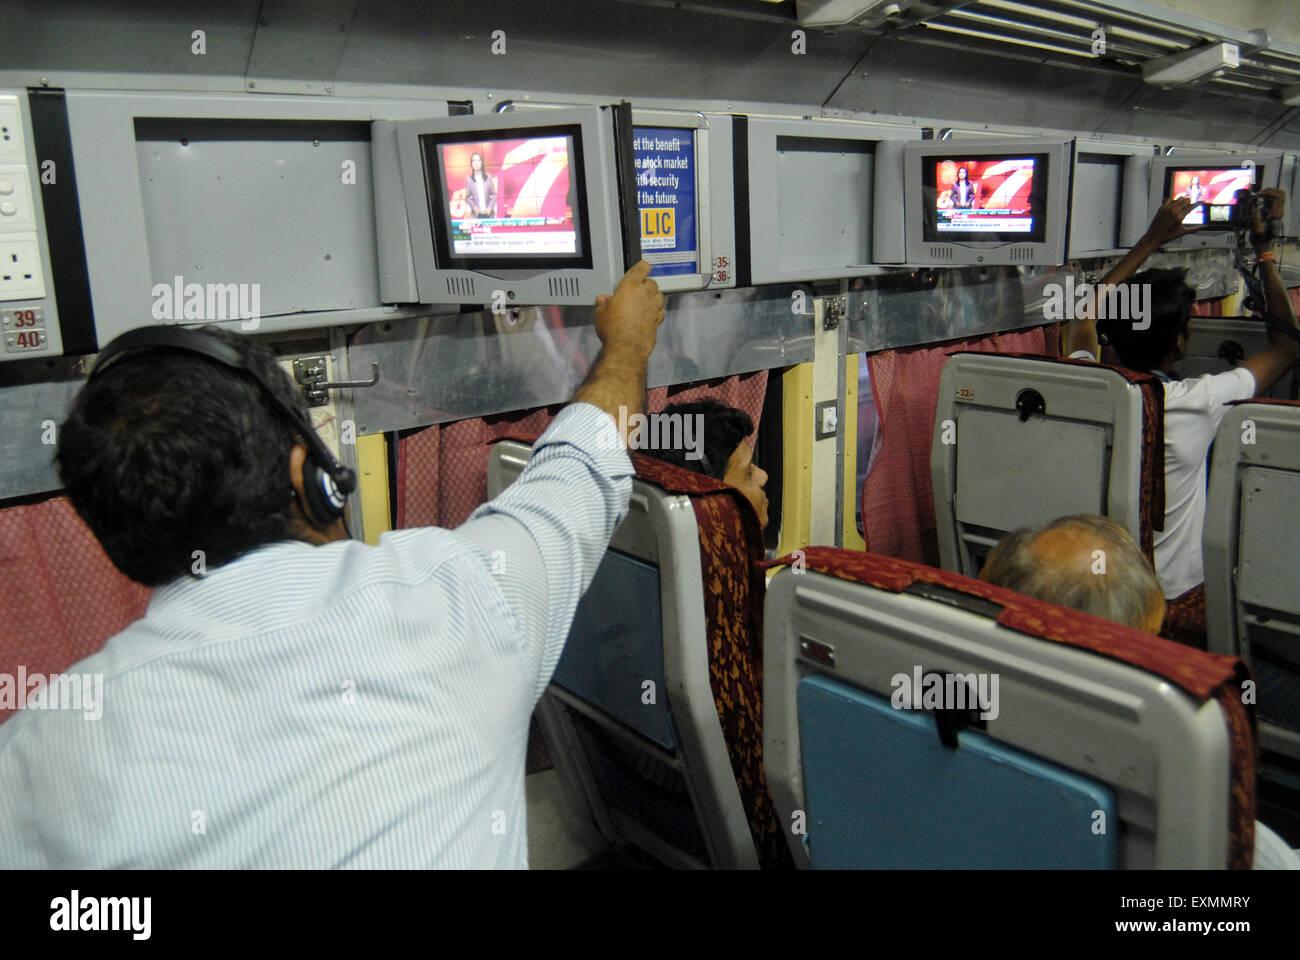 PKW vor dem Fernseher von Indian Railways auf experimenteller Basis ...